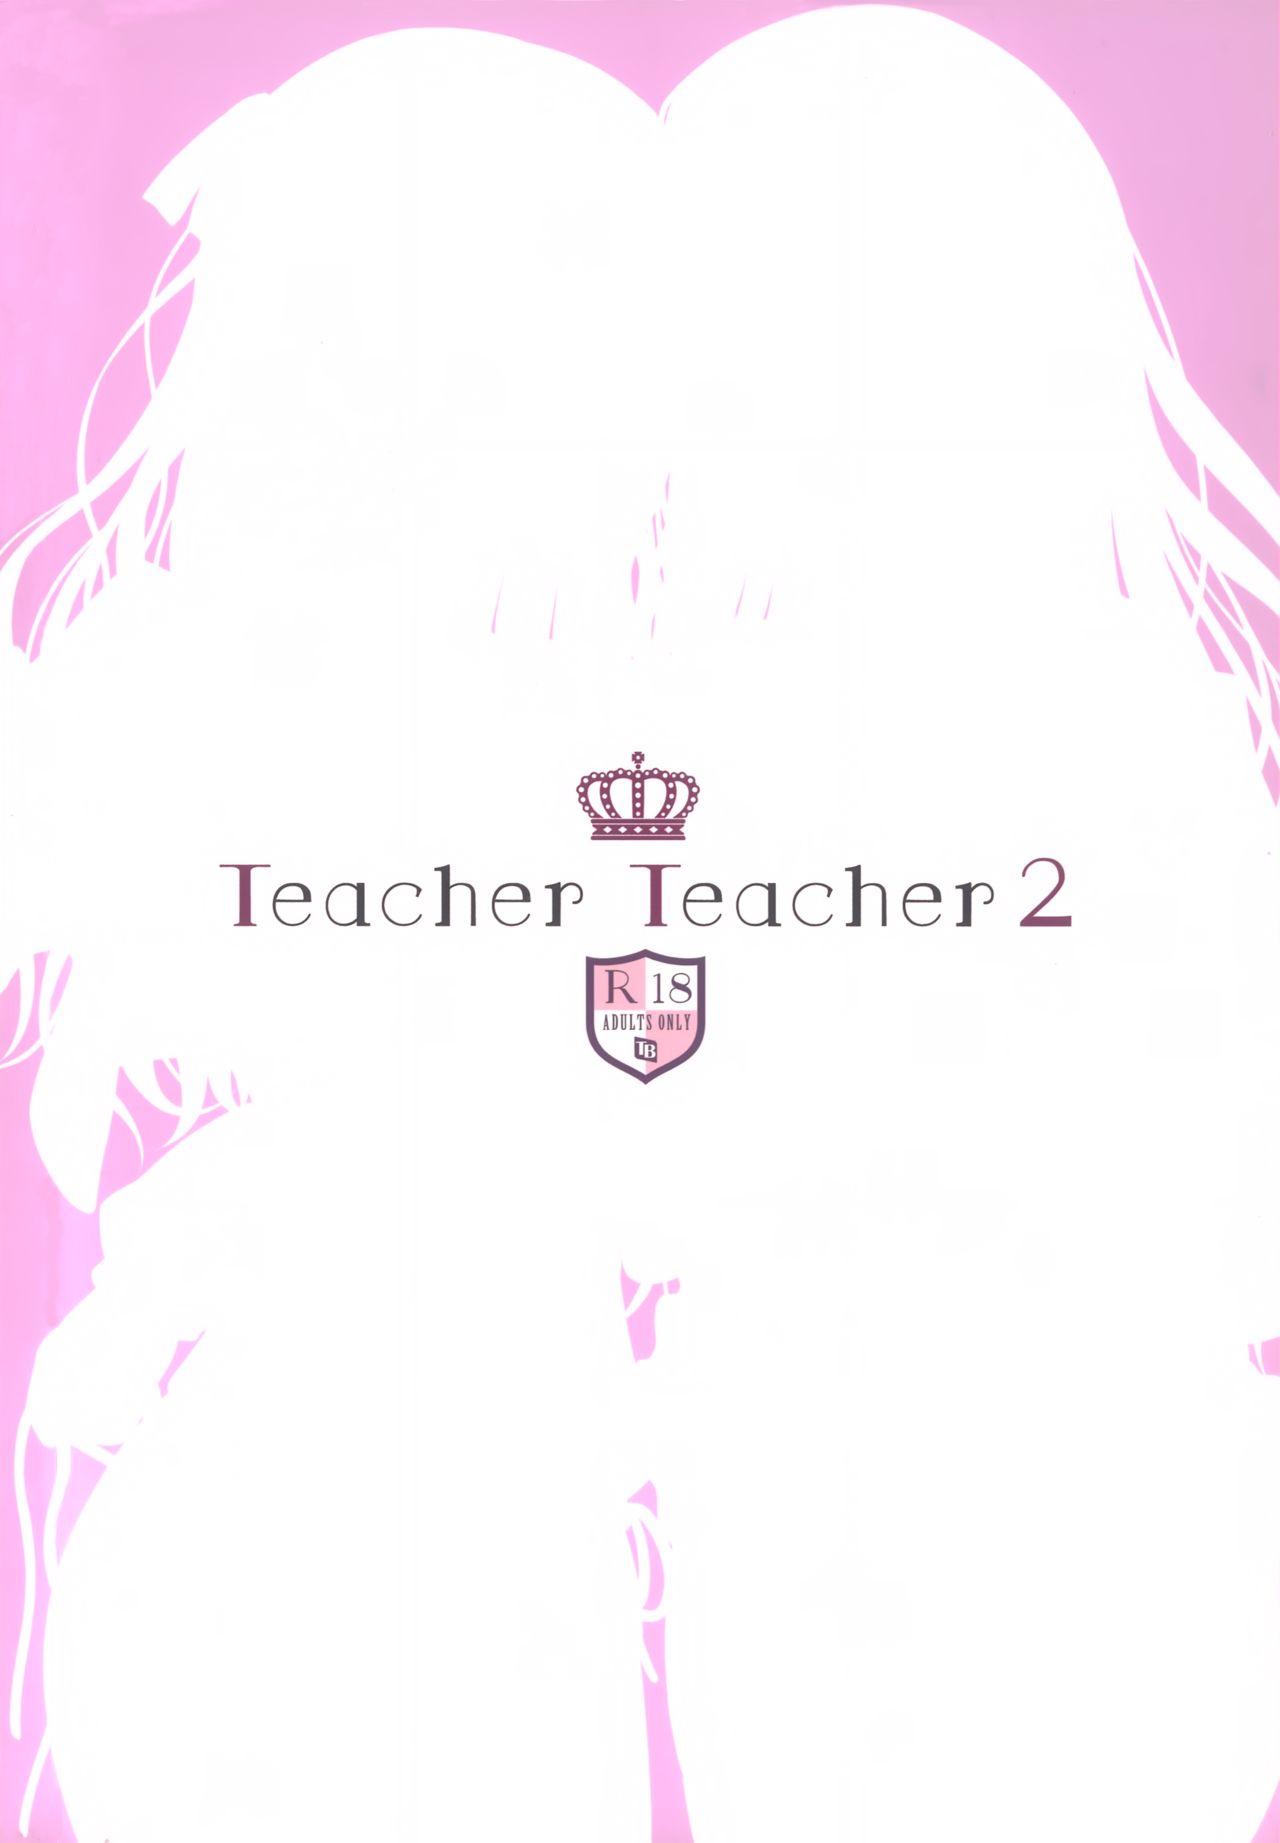 อาจารย์ค่ะ อาจารย์ขา 3 ภาพ 25